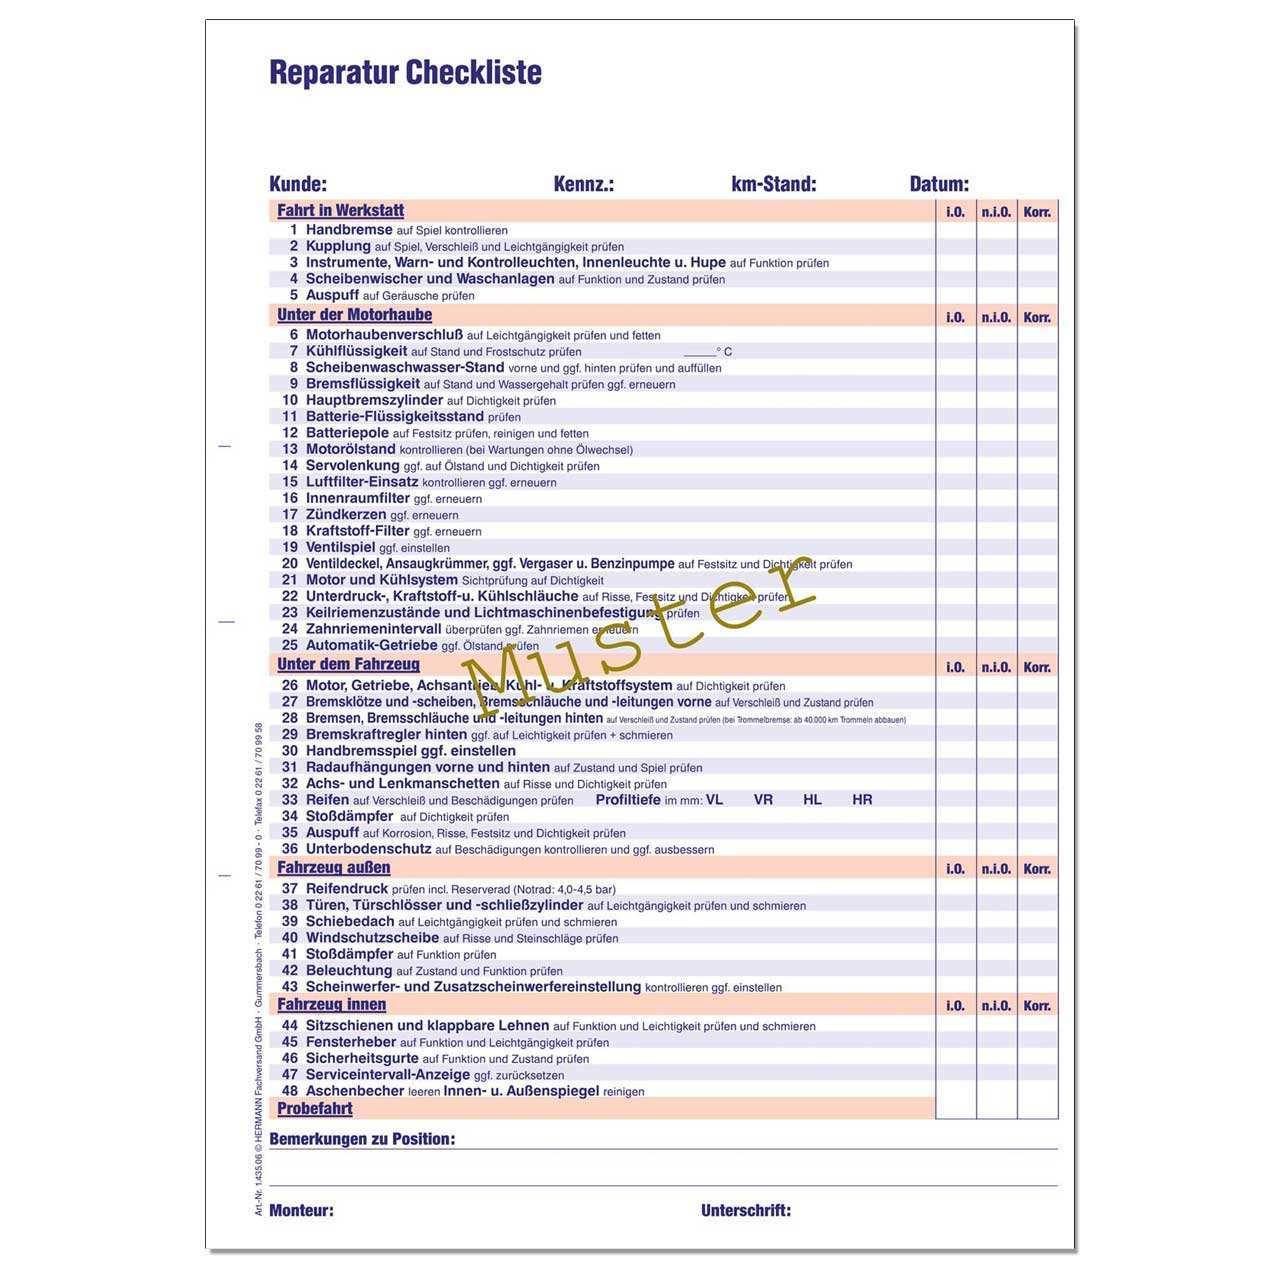 Reparatur Checkliste Din A4 Werkstattformulare Kfz Formulare Hermann Fachversand